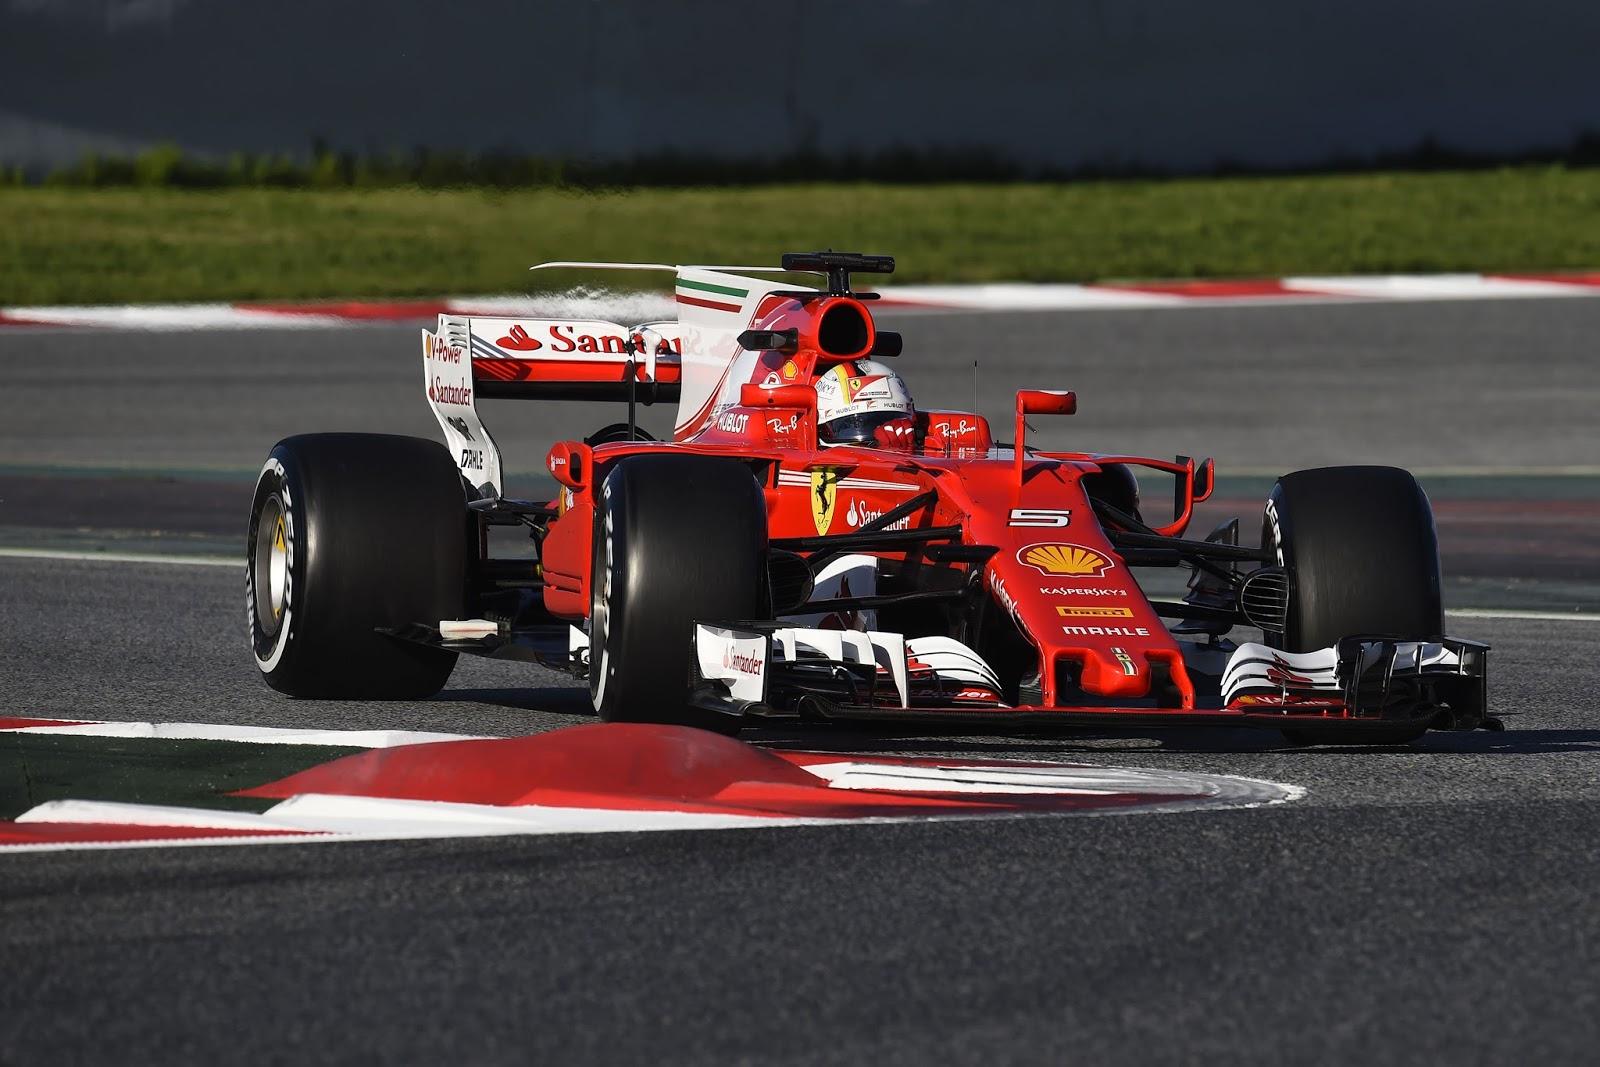 Fond d'écran ferrari F1 2017 - Fonds d'écran HD